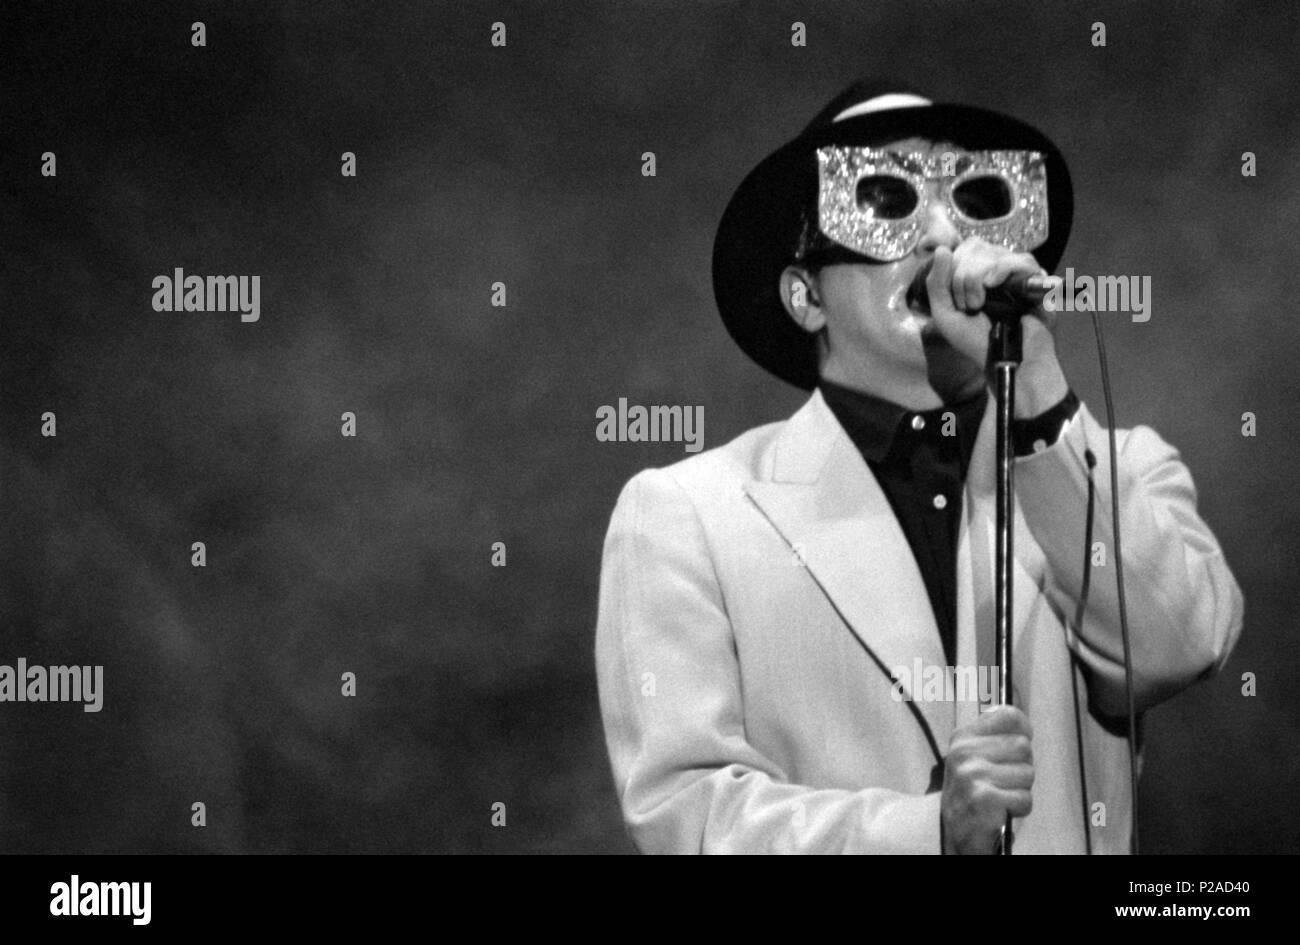 Javier Gurruchaga, cantante, actor y showman español, en una actuación de su Orquesta Mondragon. (Orquestamondragon1©DJC). Stock Photo